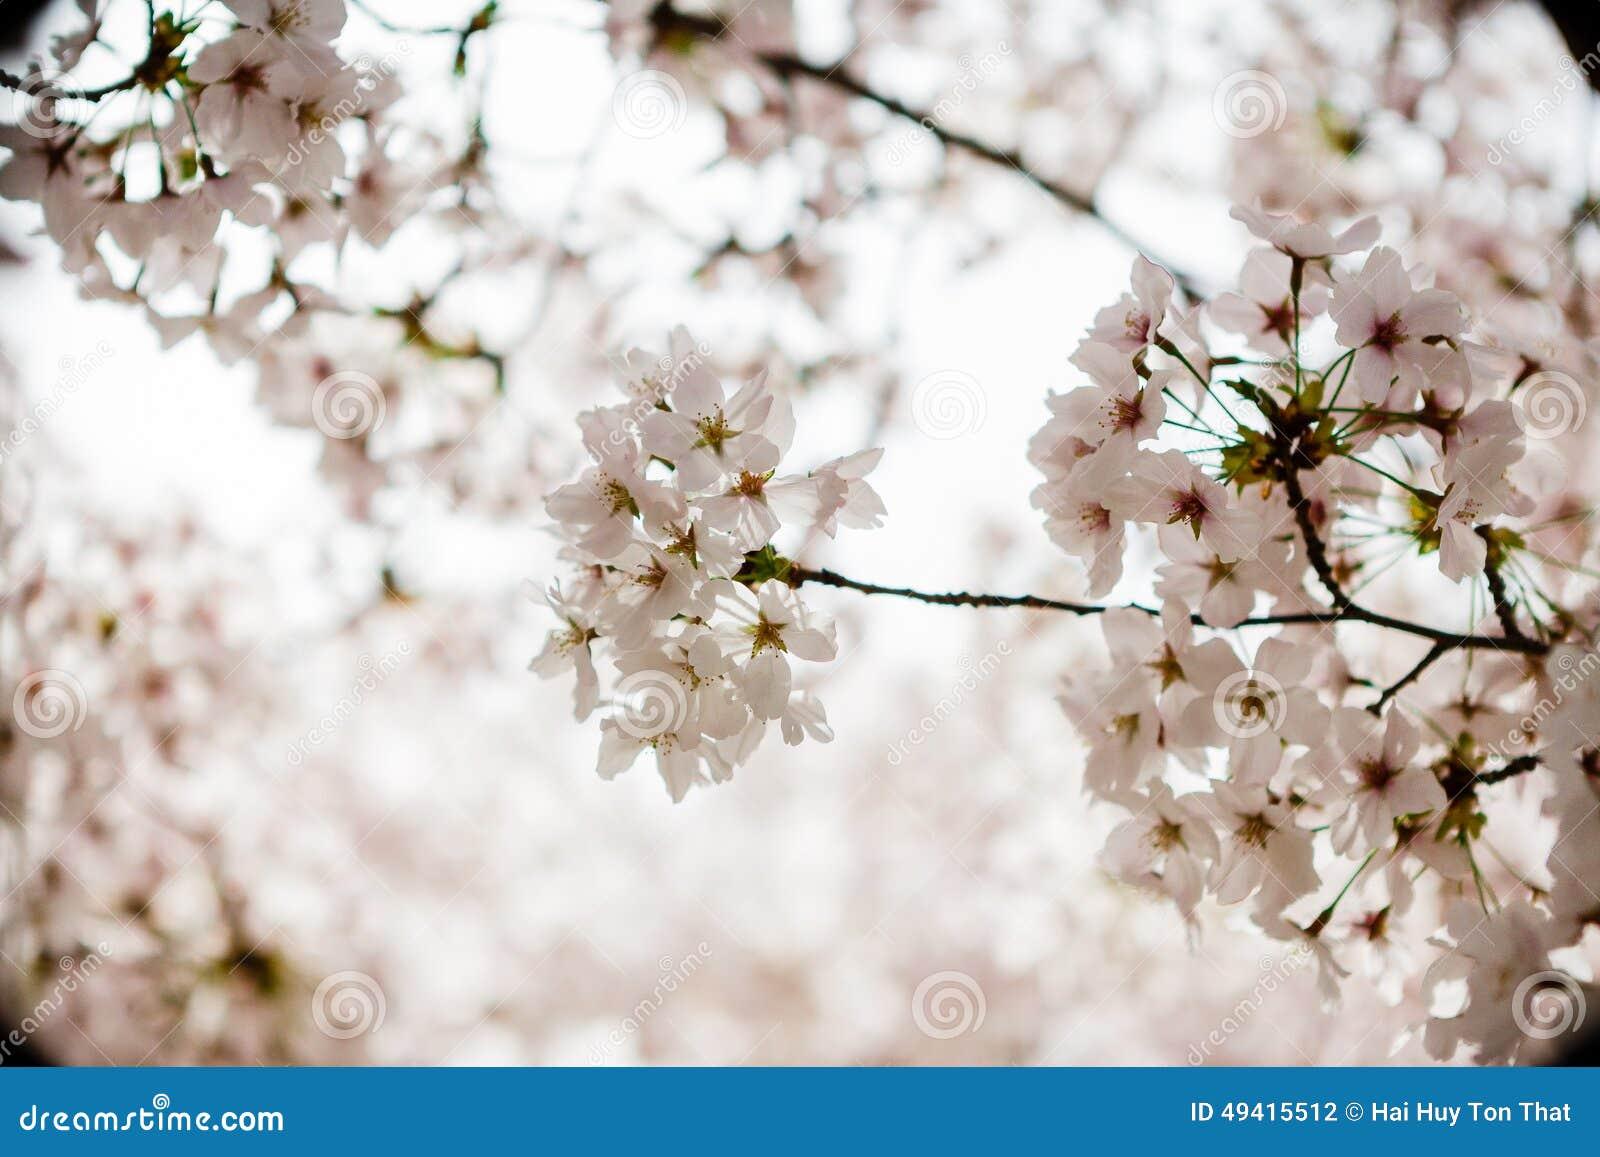 Download Cherry Blossom stockfoto. Bild von bündel, april, botanisch - 49415512